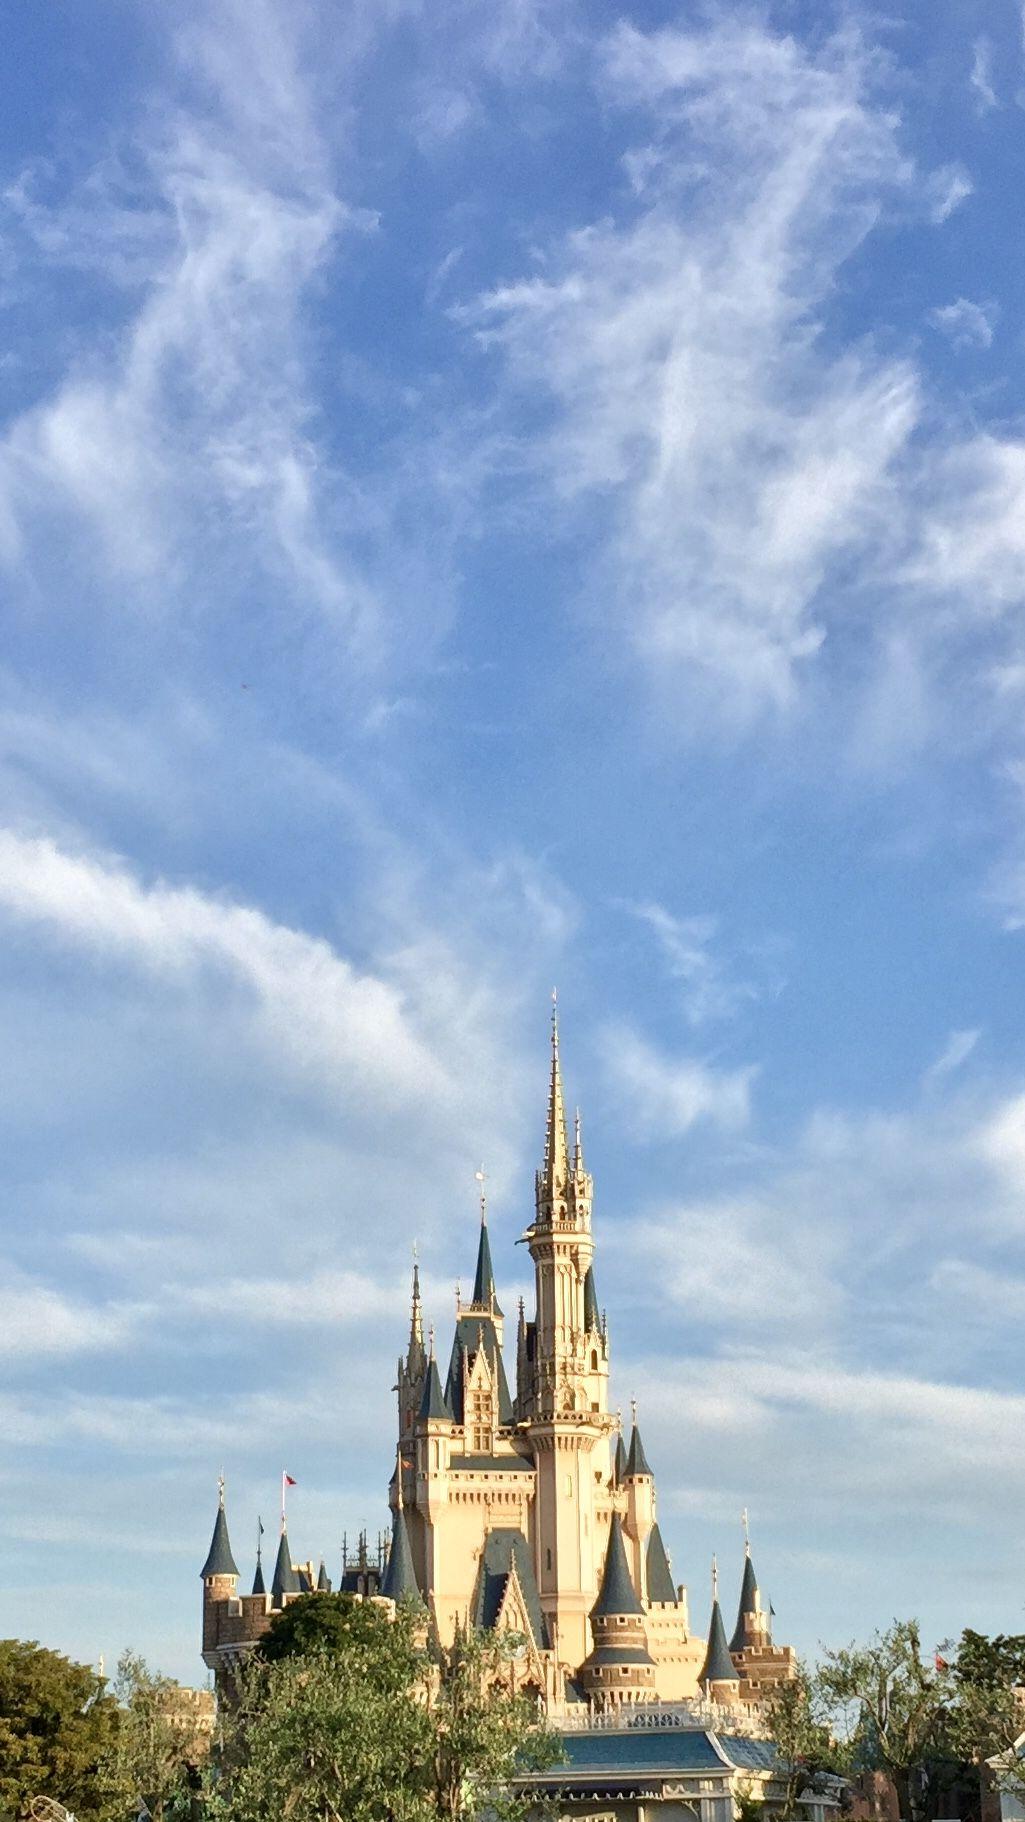 青空とシンデレラ城 高画質オリジナル パノラマ写真 シンデレラ城 東京ディズニーリゾート